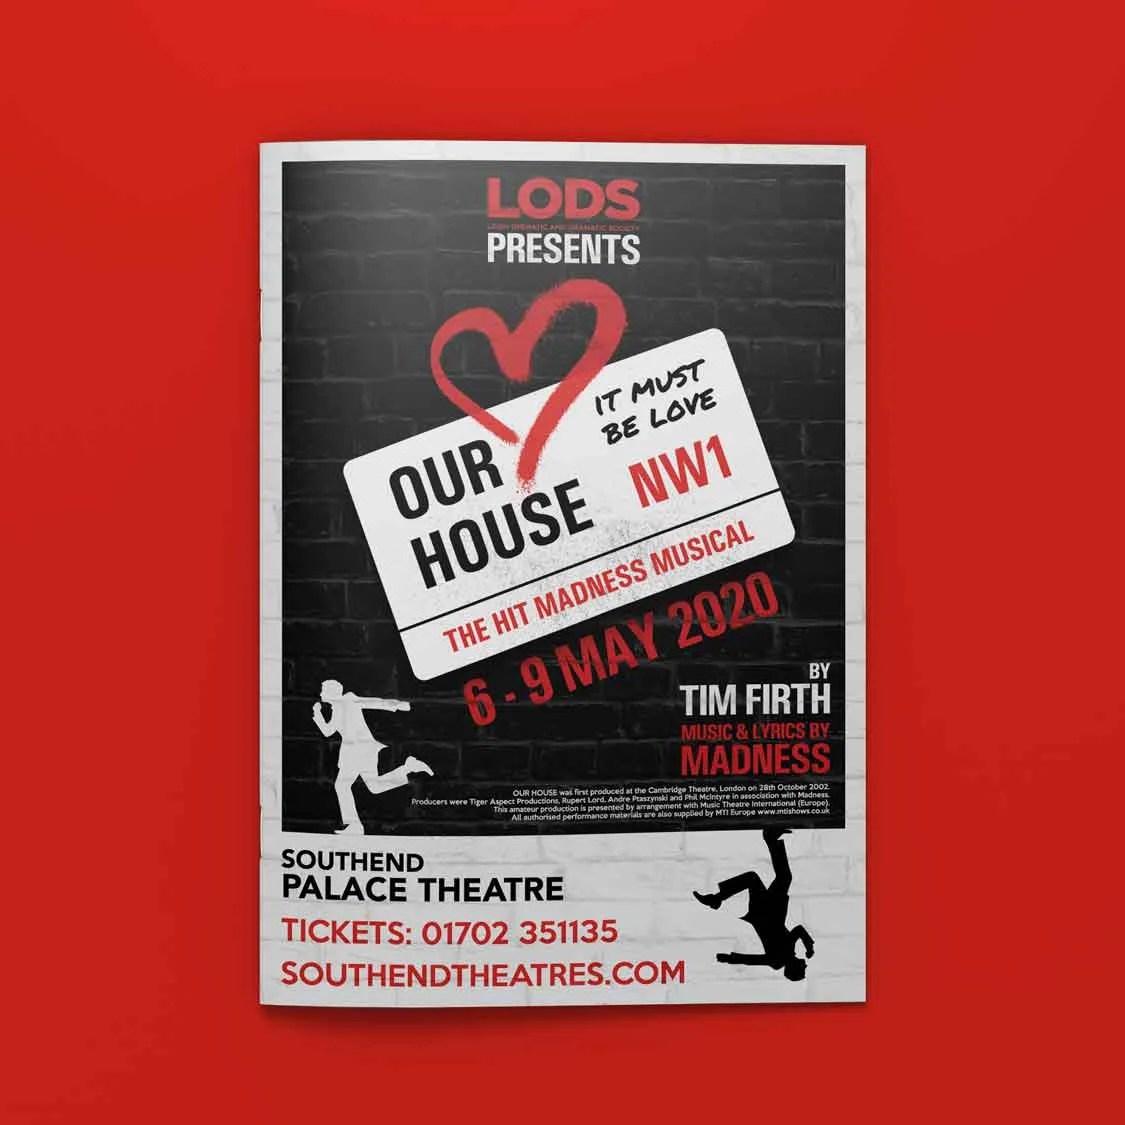 theatre publicity ideas our house the musical logo concept lods author studios